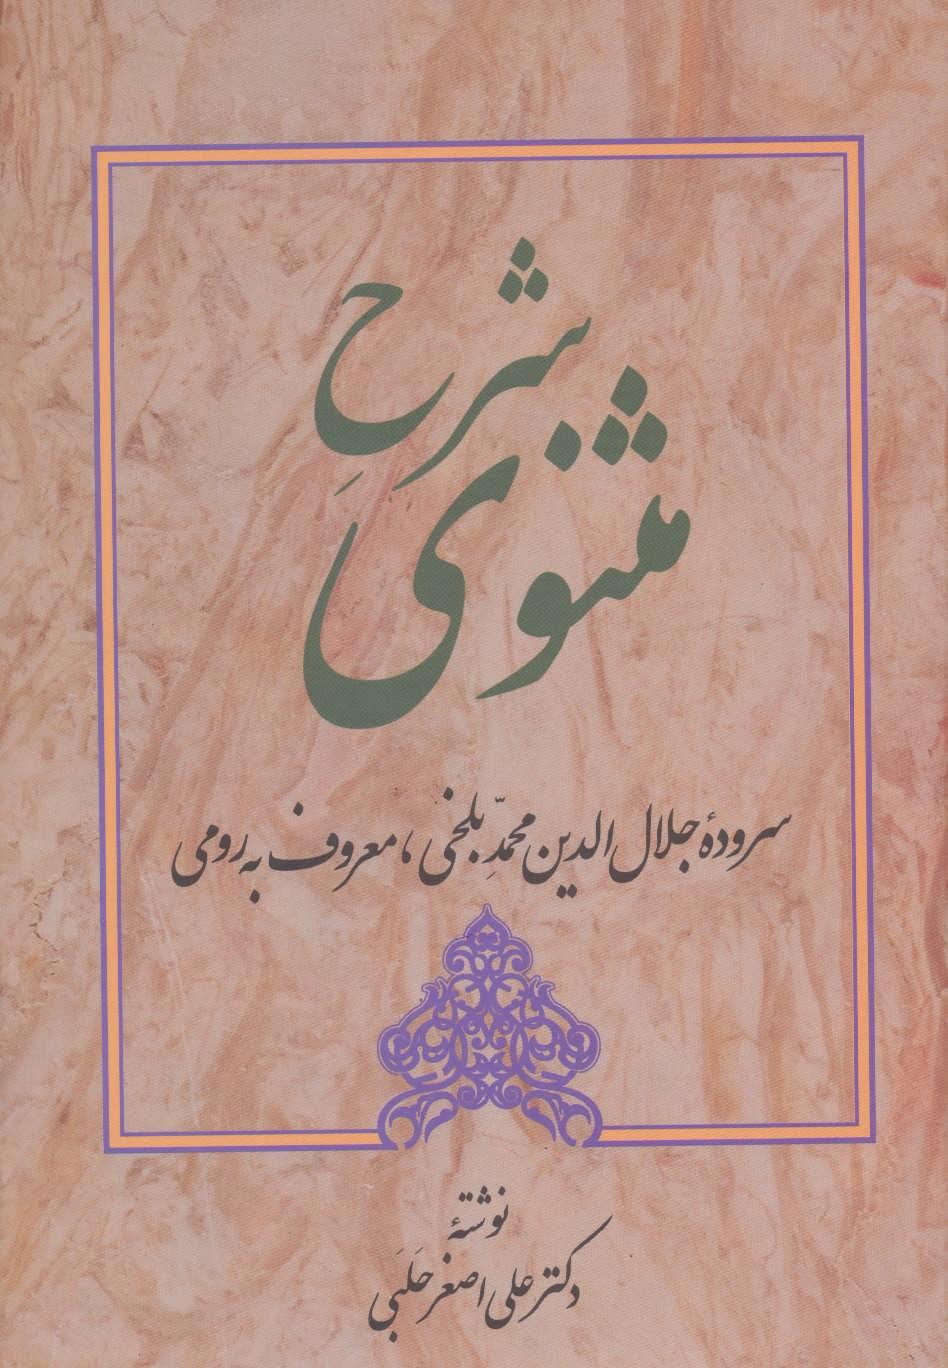 کتاب شرح مثنوی - دفتر پنجم